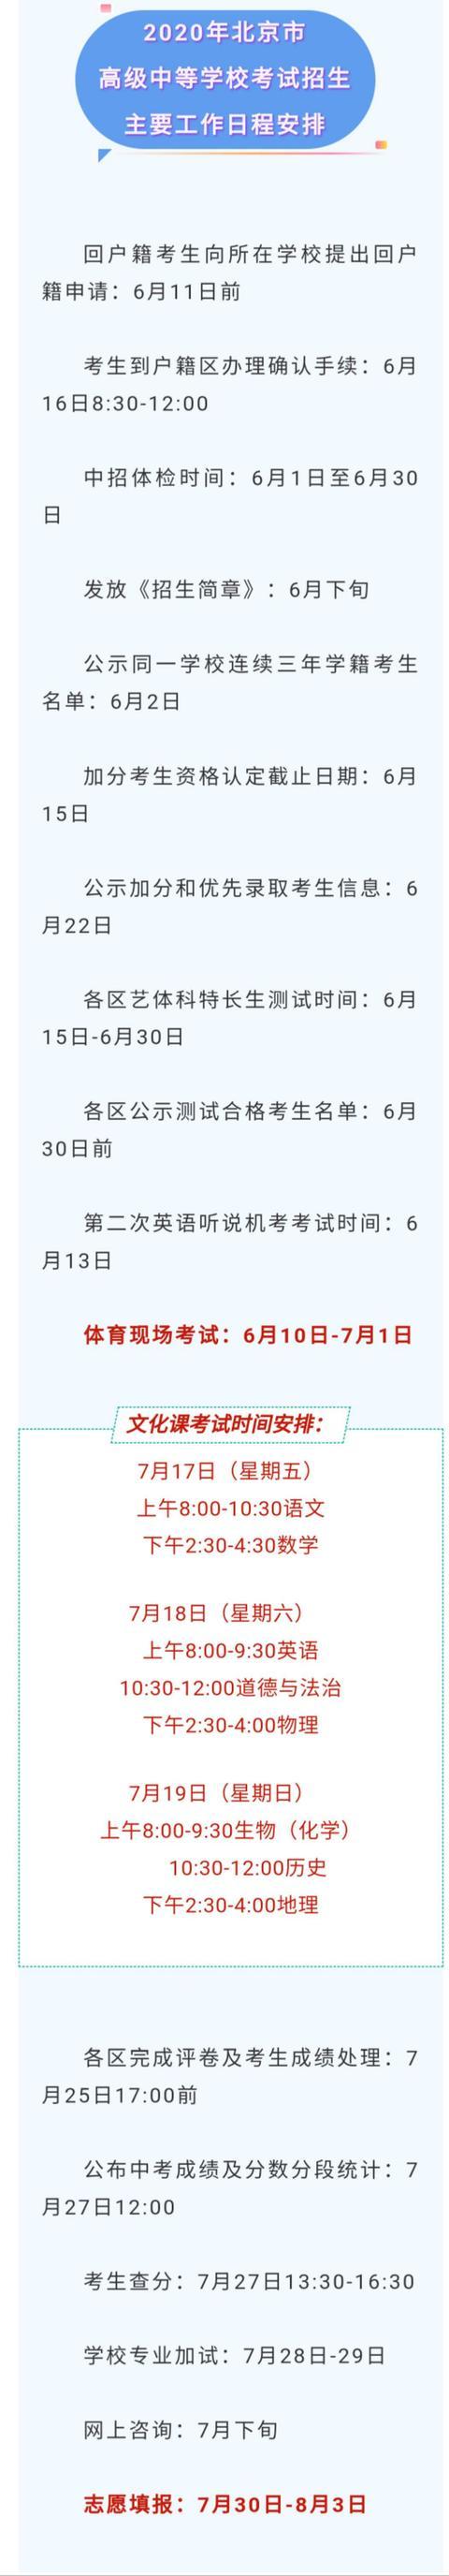 北京今年中考日程确定!总分580分,考后知分填志愿